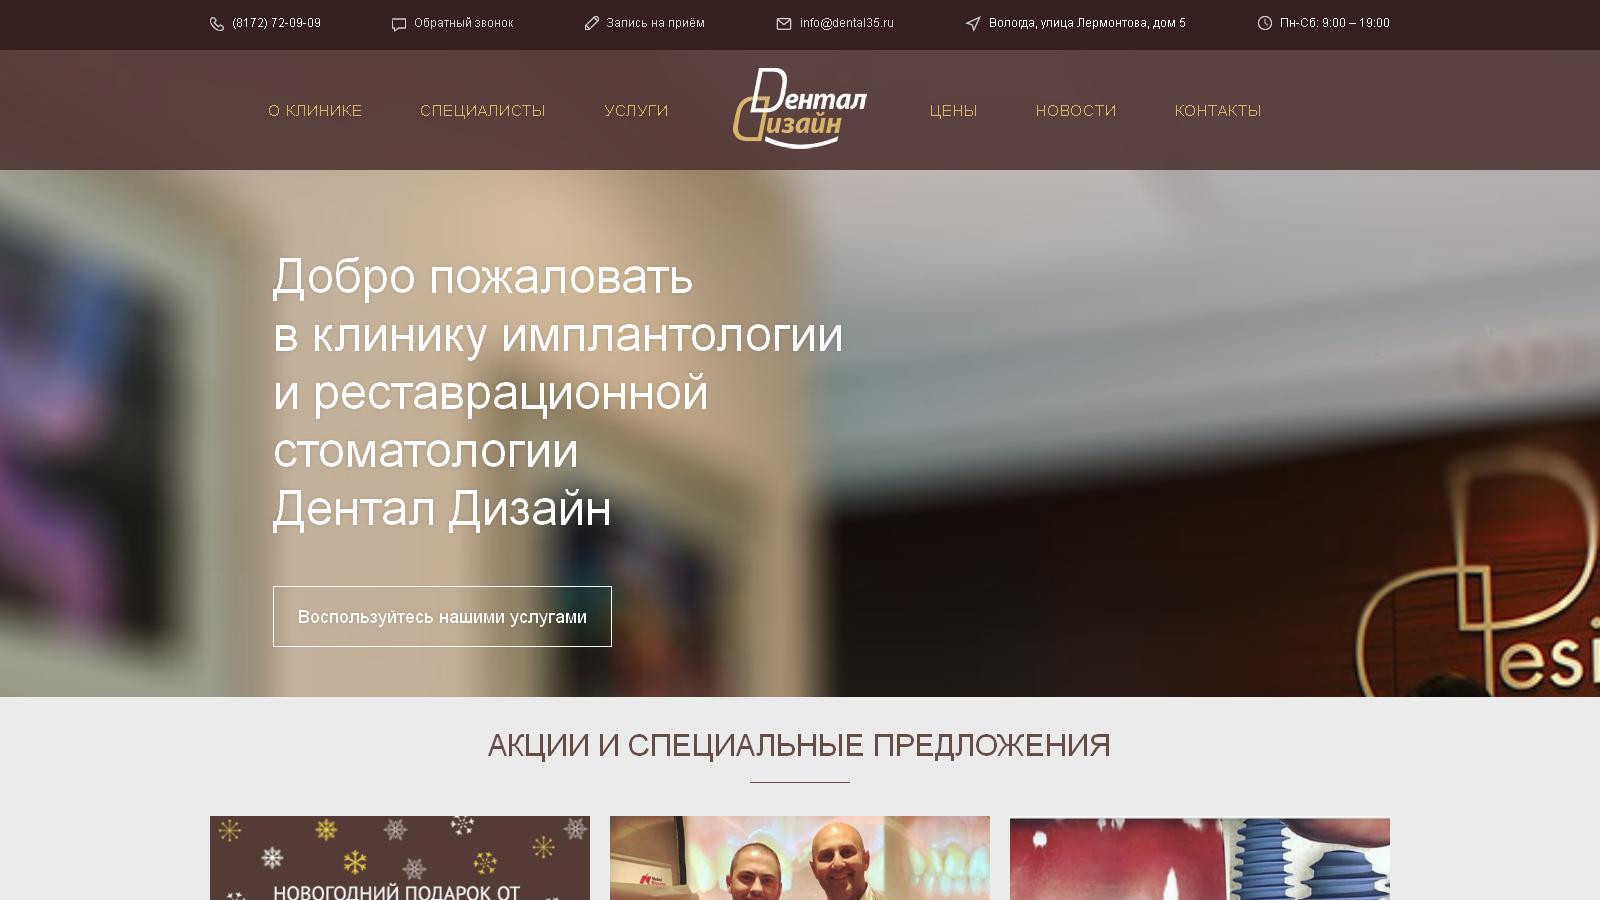 Вологда лермонтова 5 дентал дизайн